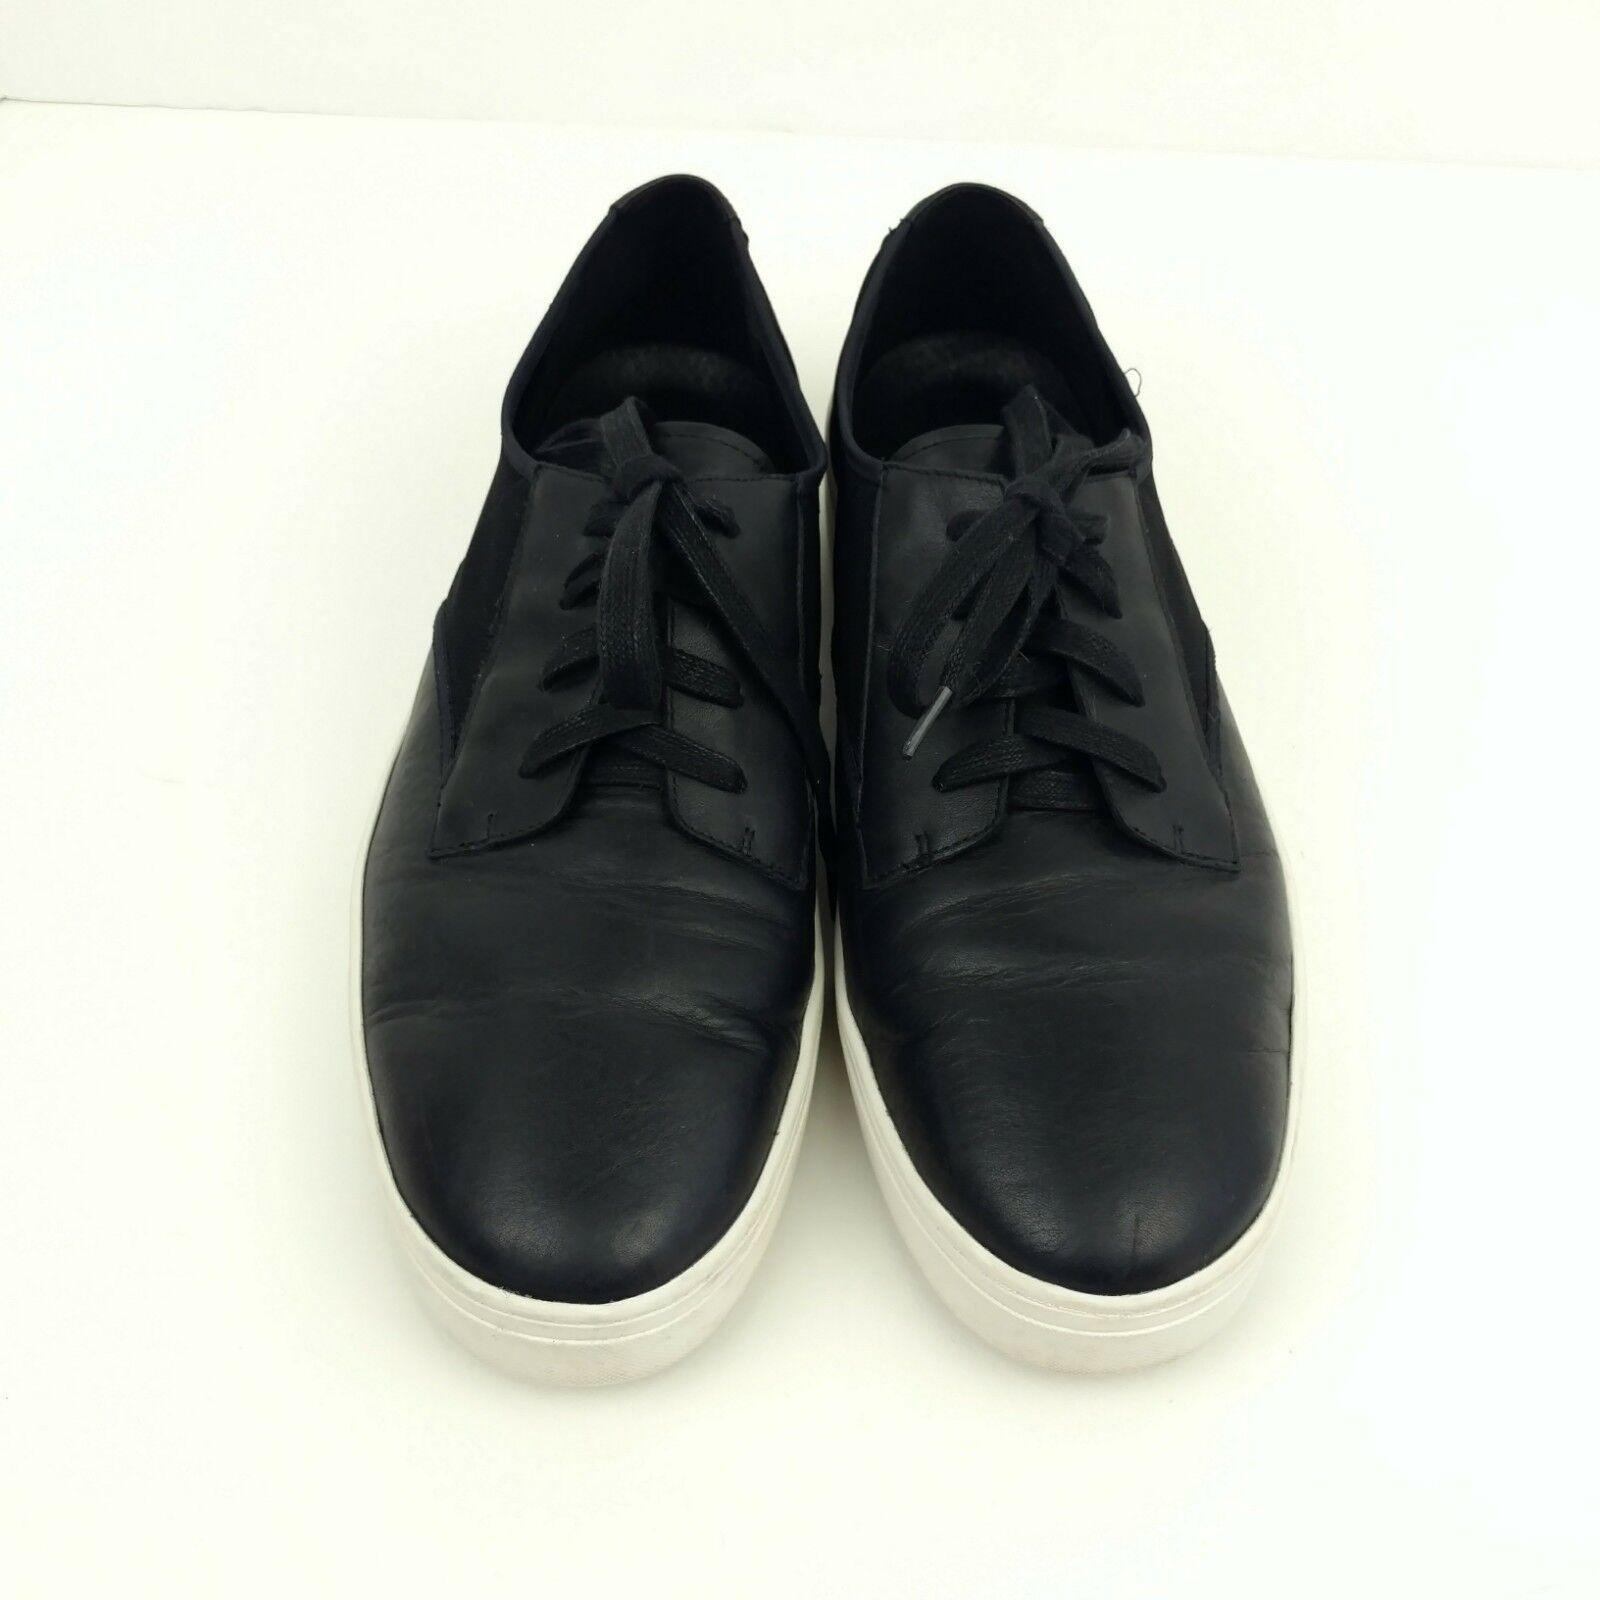 Eileen Fisher para mujer Talla 11 Zapatos Zapatos Zapatos Tenis De Cuero Negro Oxford mínima  alta calidad